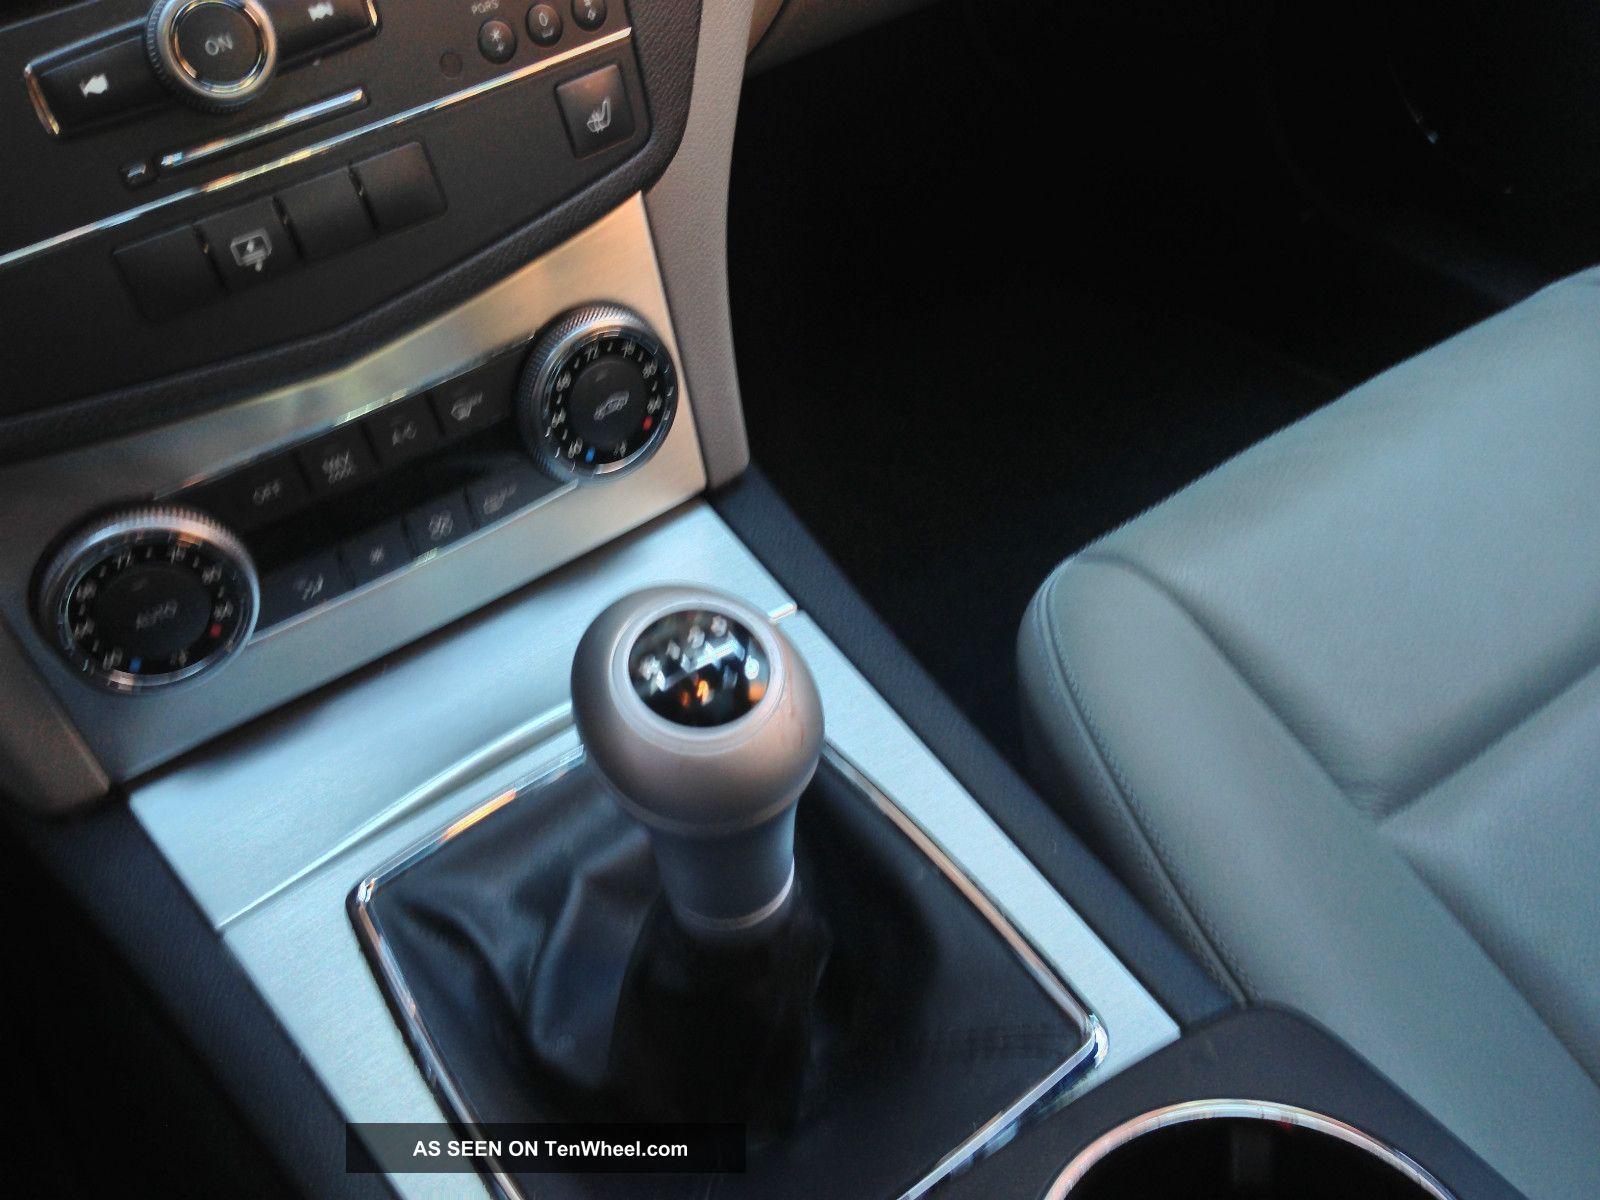 2008 C300 Mercedes 6